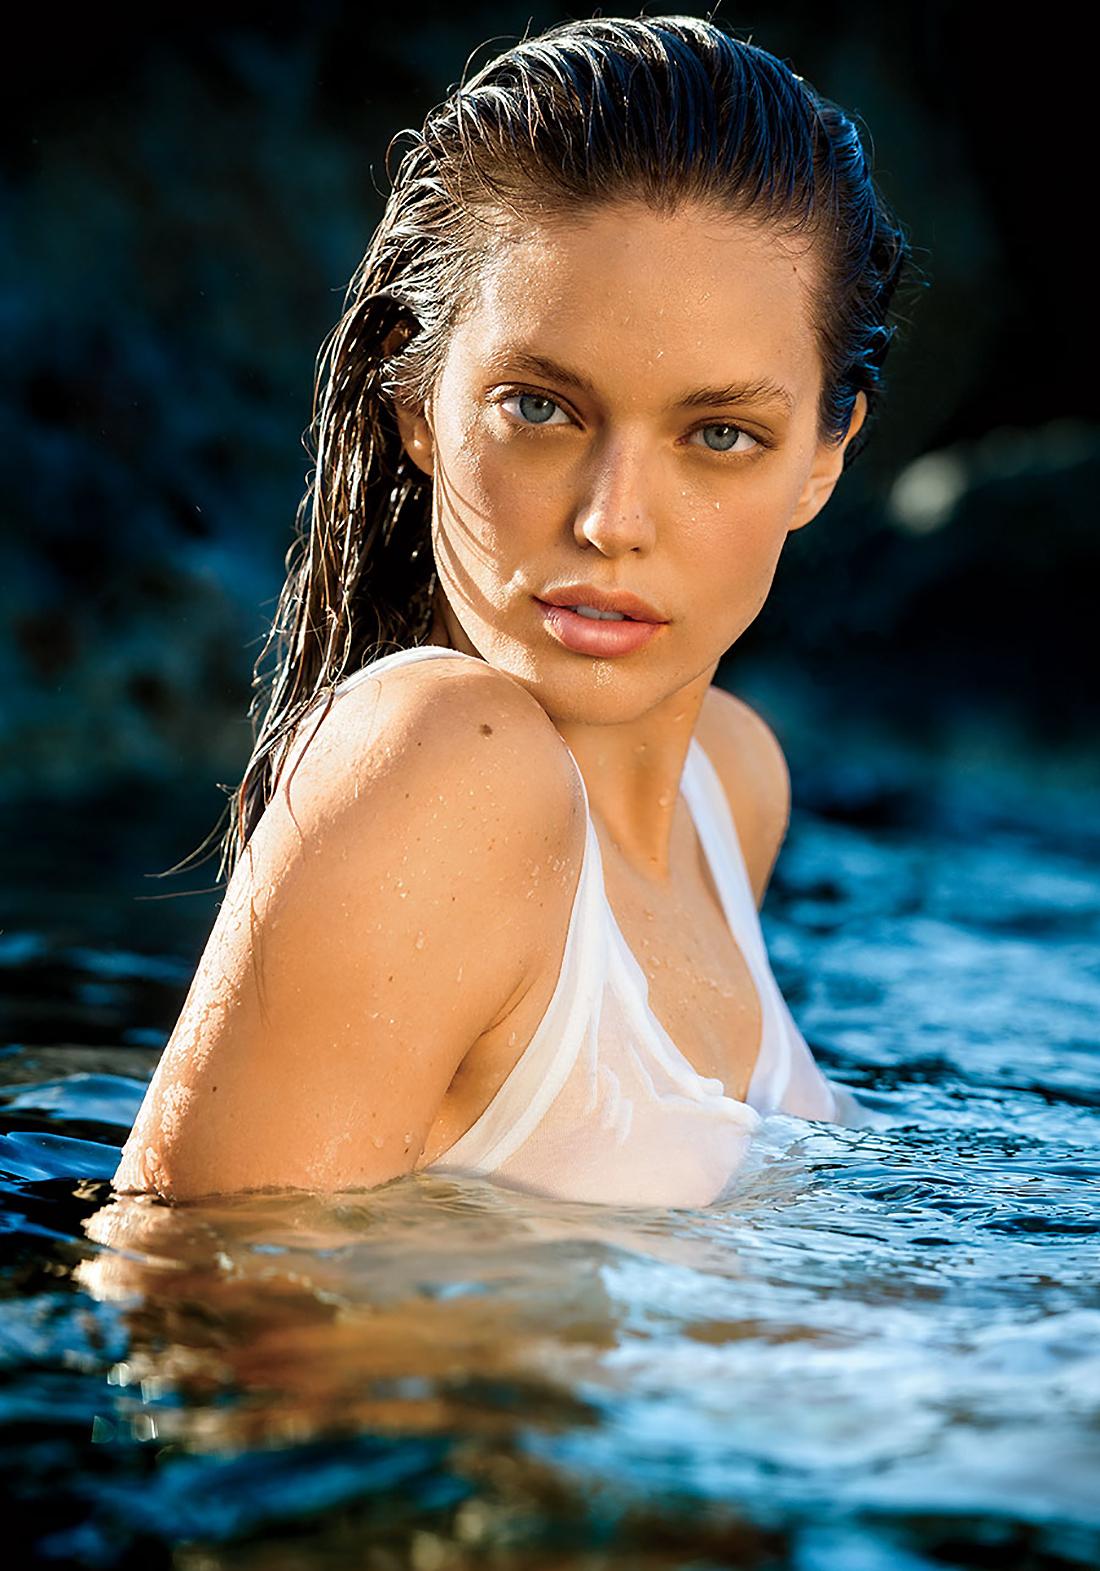 Эмили ДиДонато снялась топлес для августовского выпуска Maxim